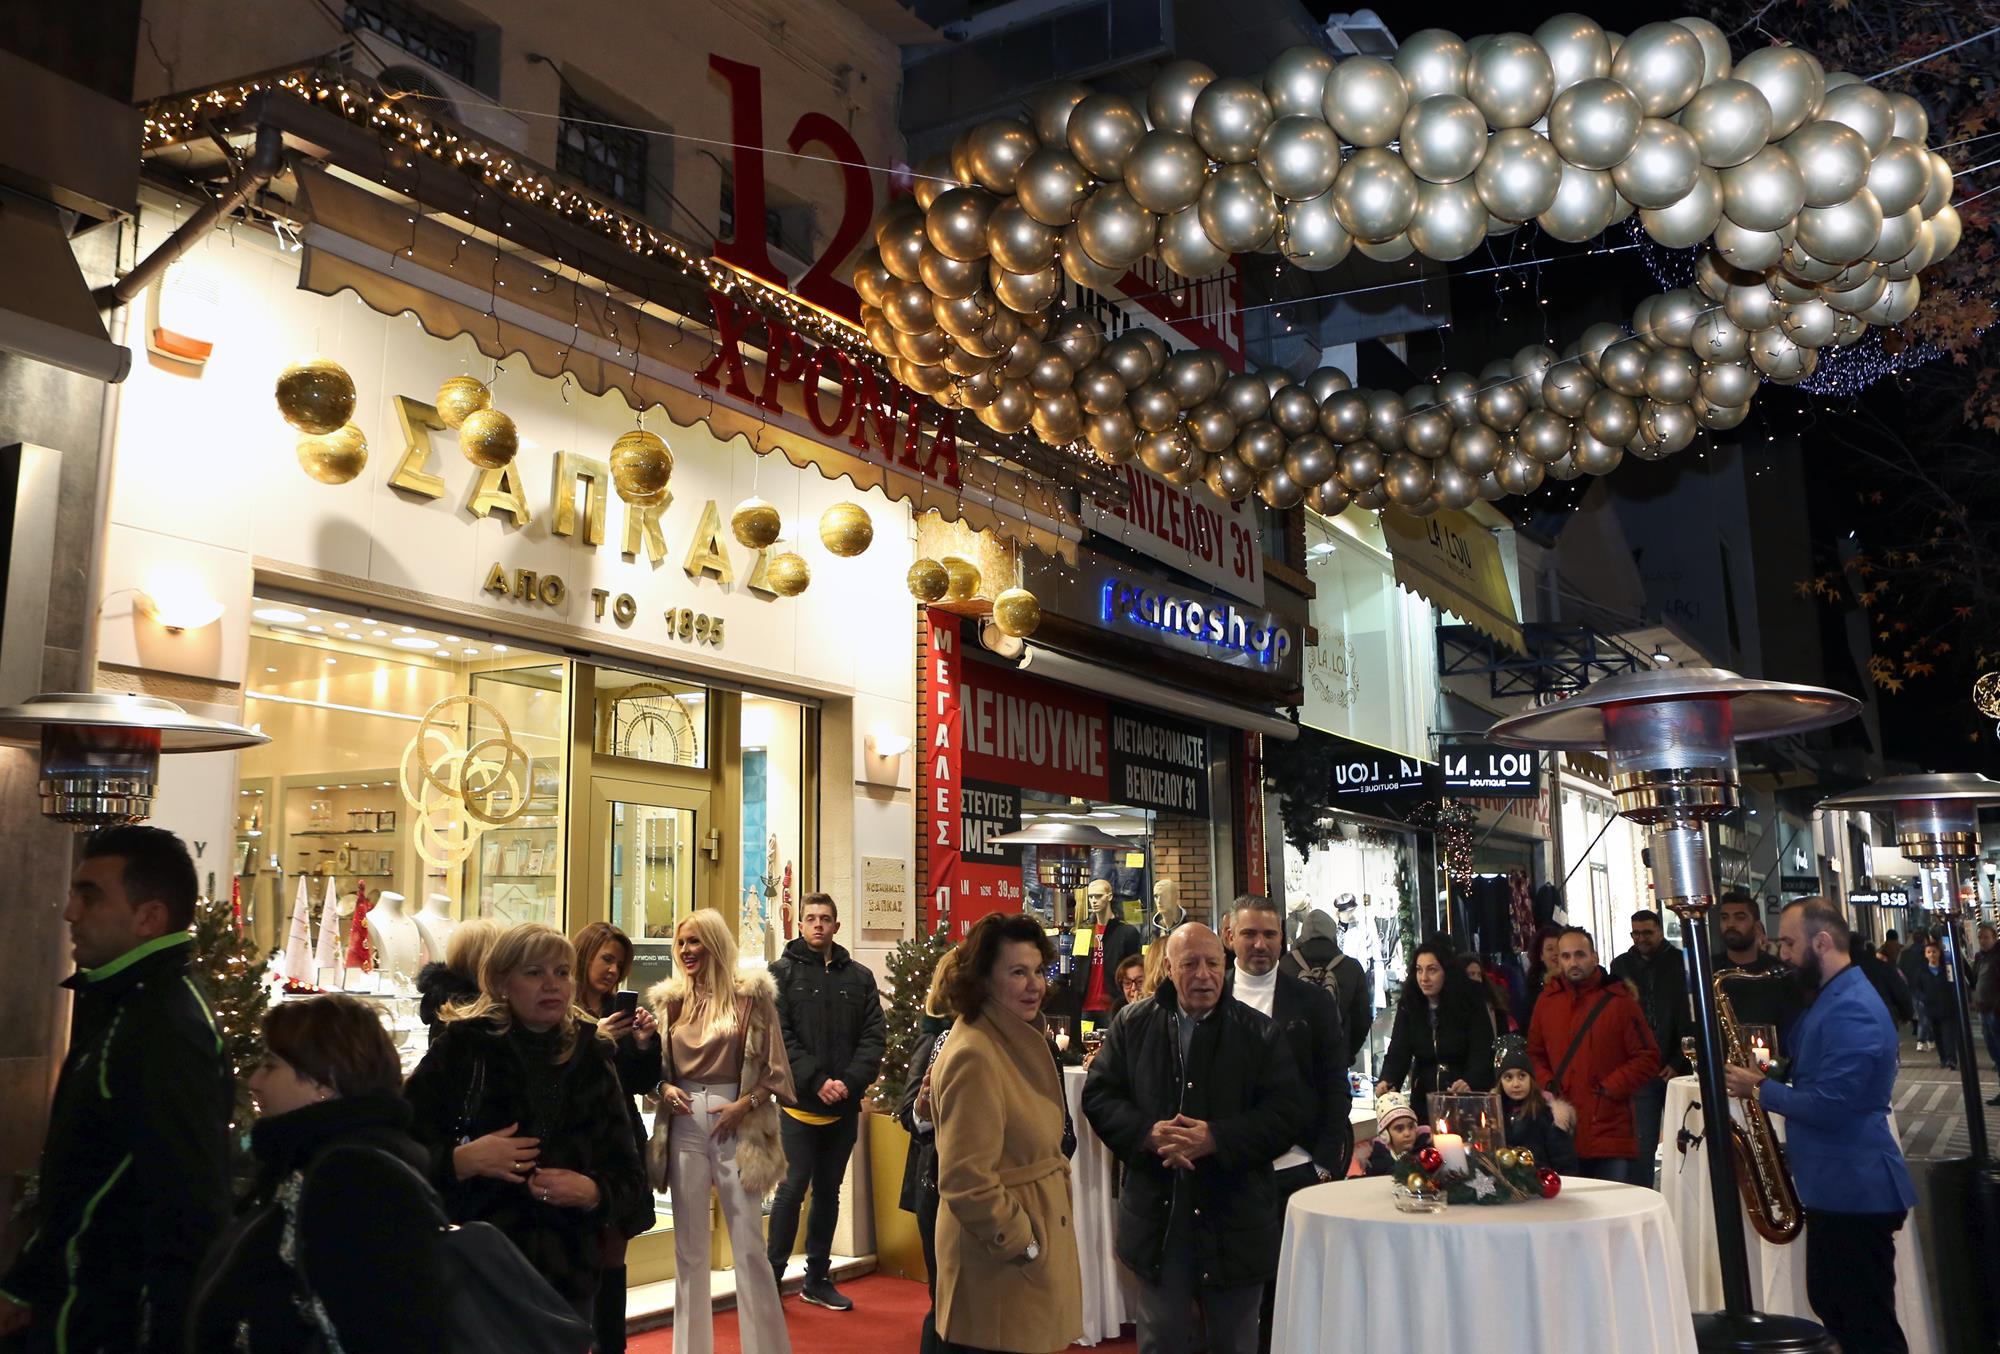 Λαμπερό εορταστικό πάρτι για το κοσμηματοπωλείο Σάπκας στη Λάρισα - Δείτε φωτορεπορτάζ